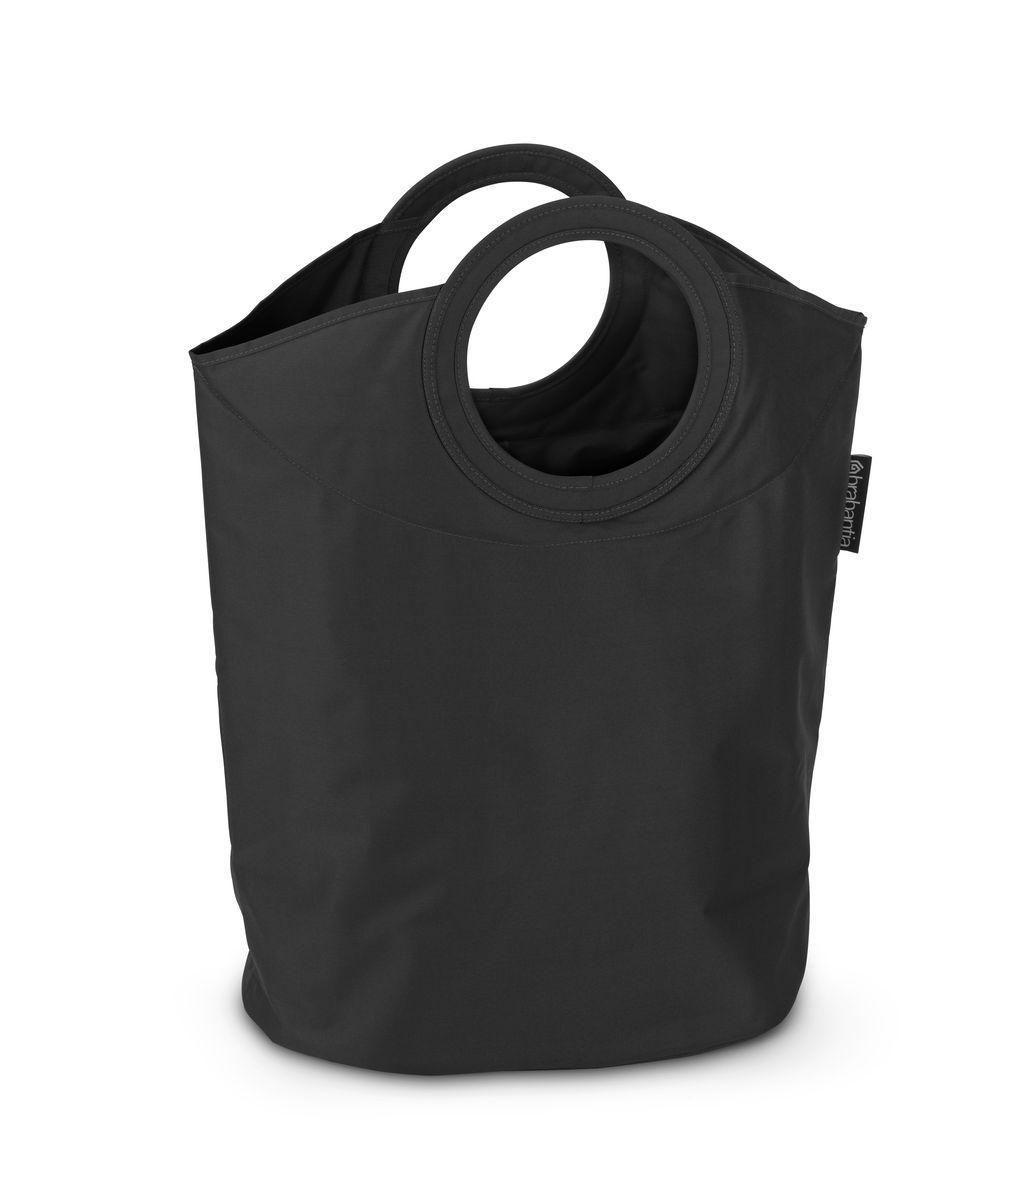 Сумка для белья Brabantia, цвет: черный, 50 л. 101601391602Оригинальная сумка для белья Brabantia экономит место и превращает вашу стирку в увлекательное занятие. С помощью складывающихся магнитных ручек сумка закрывается и превращается в корзину для белья с загрузочным отверстием. Собрались стирать? Поднимите ручки, и ваша сумка готова к использованию. Особенности: Загрузочное отверстие для быстрой загрузки белья - просто сложите магнитные ручки; Большие удобные ручки для переноски; Удобно загружать белье в стиральную машину - большая вместимость и широкое отверстие; 2 года гарантии Brabantia; Объем 50 л.